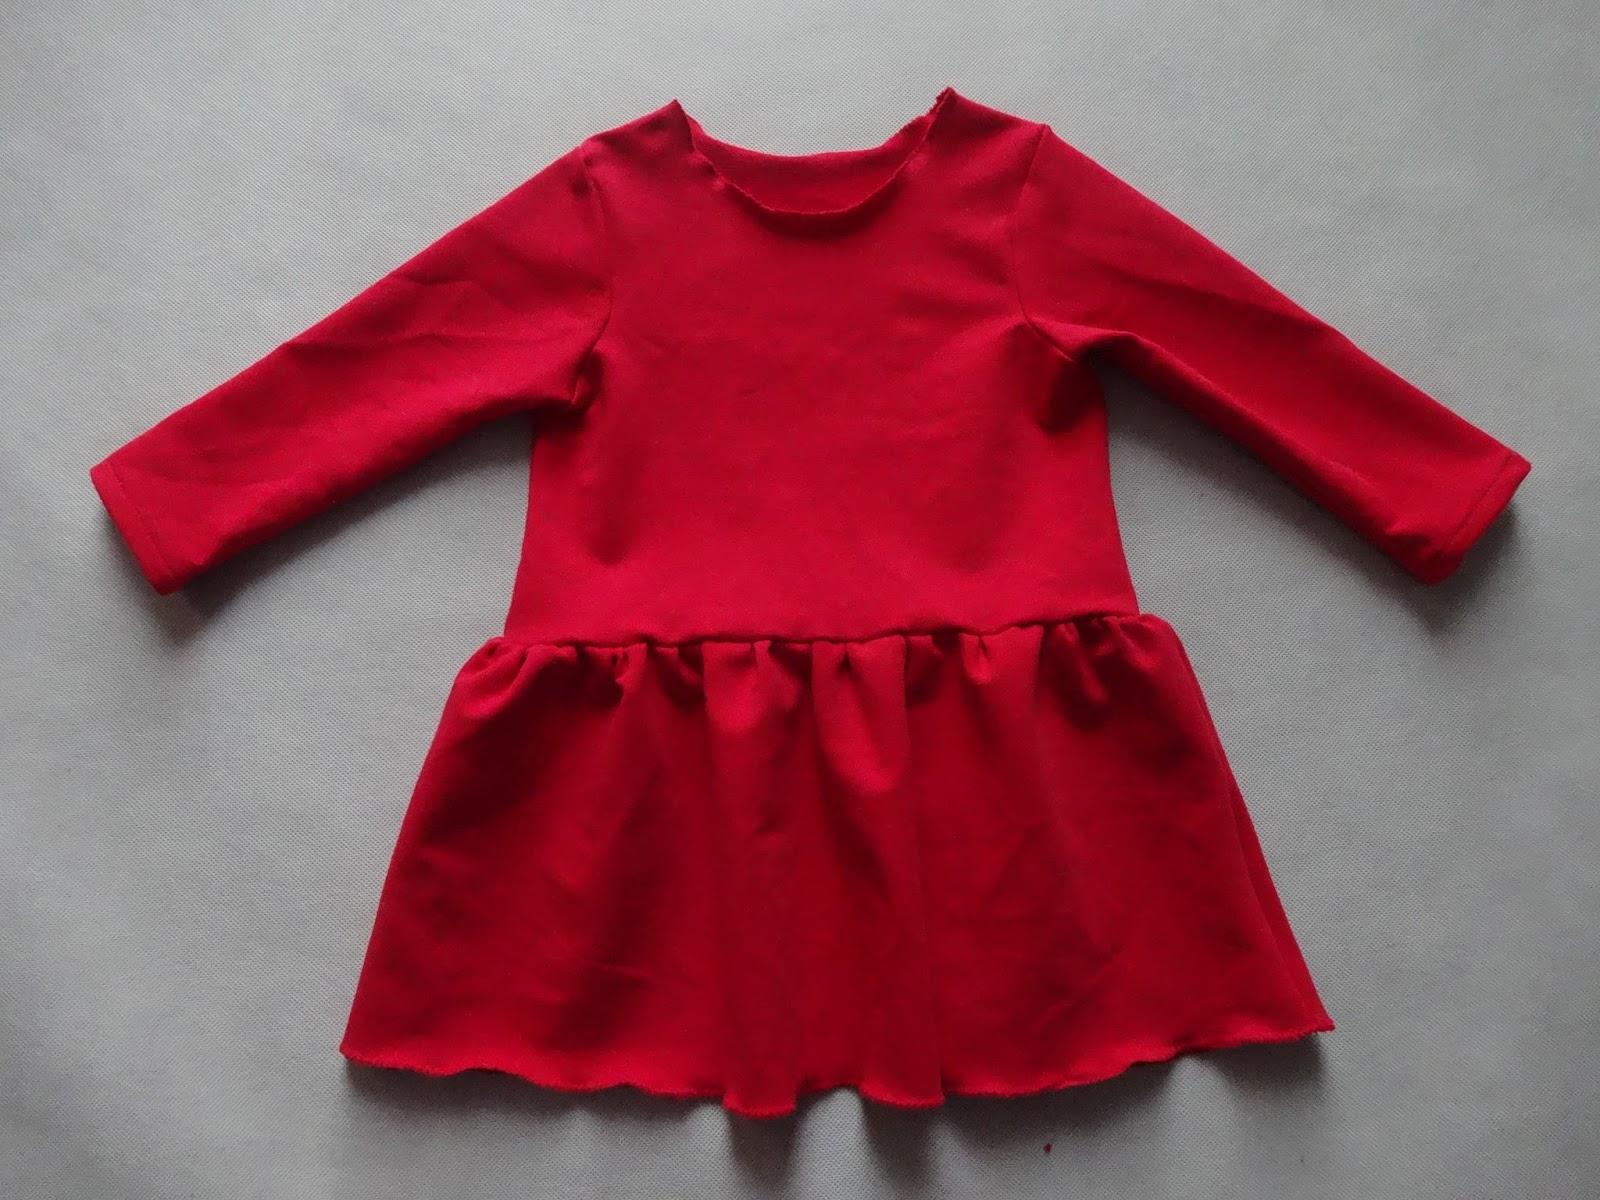 128a9bb9 ciaza-przed-40tka: Jak szybko uszyć prostą i wygodną sukienkę dla ...